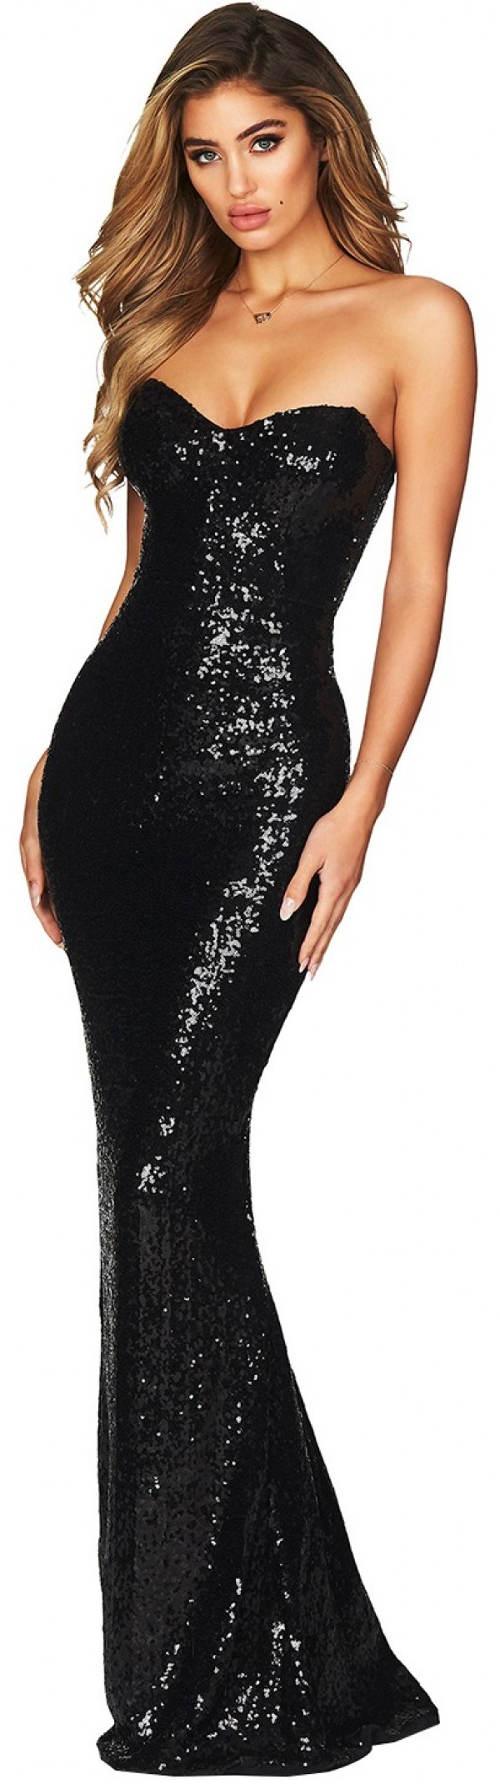 Dlouhé černé korzetové šaty